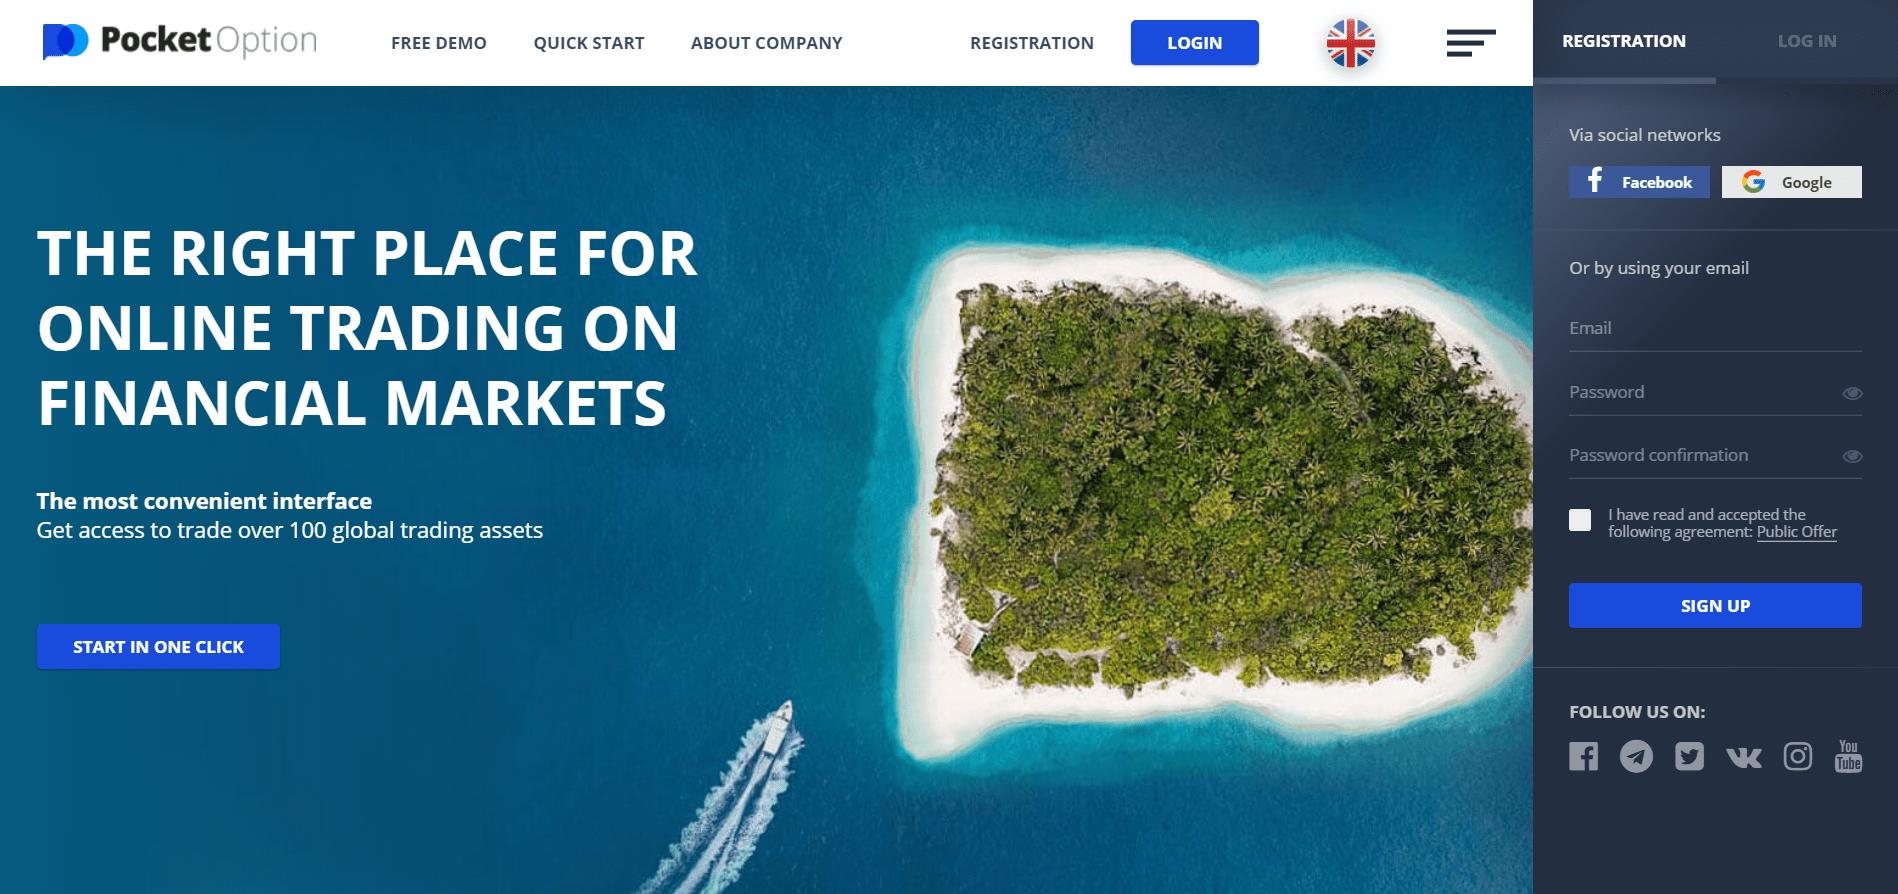 Pocket Option official website